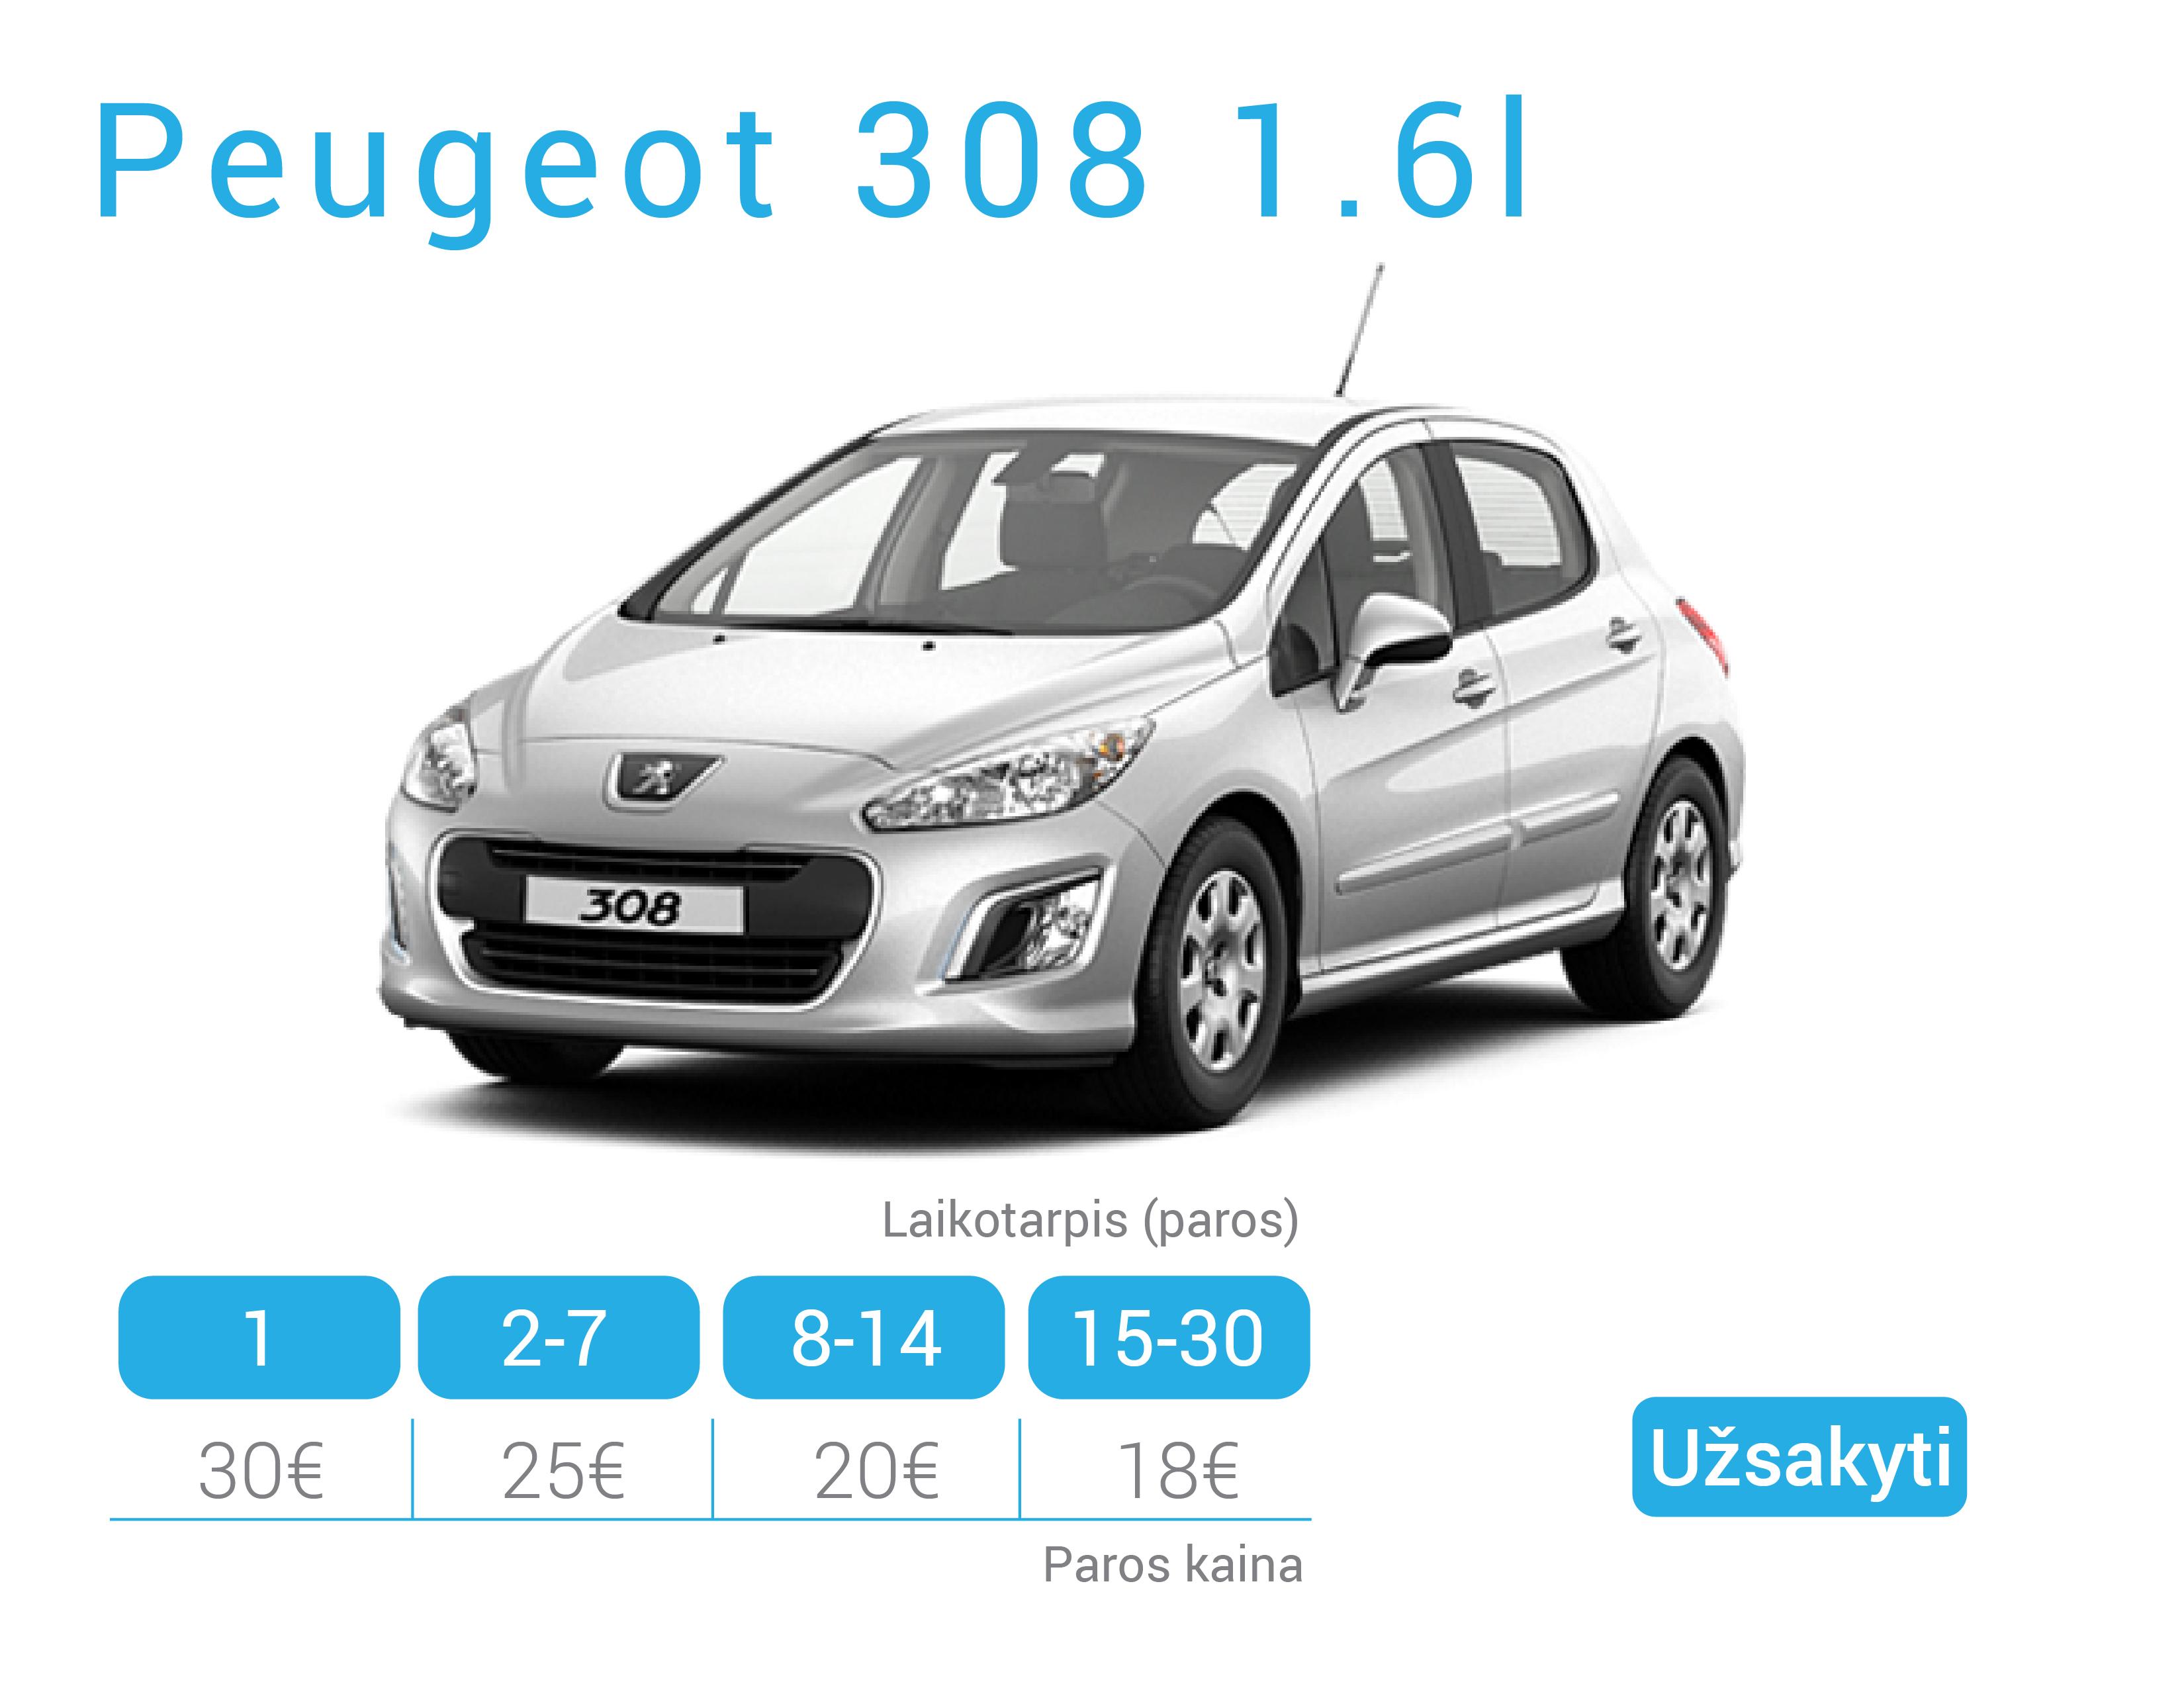 Peugeot 308 nuoma Alytuje